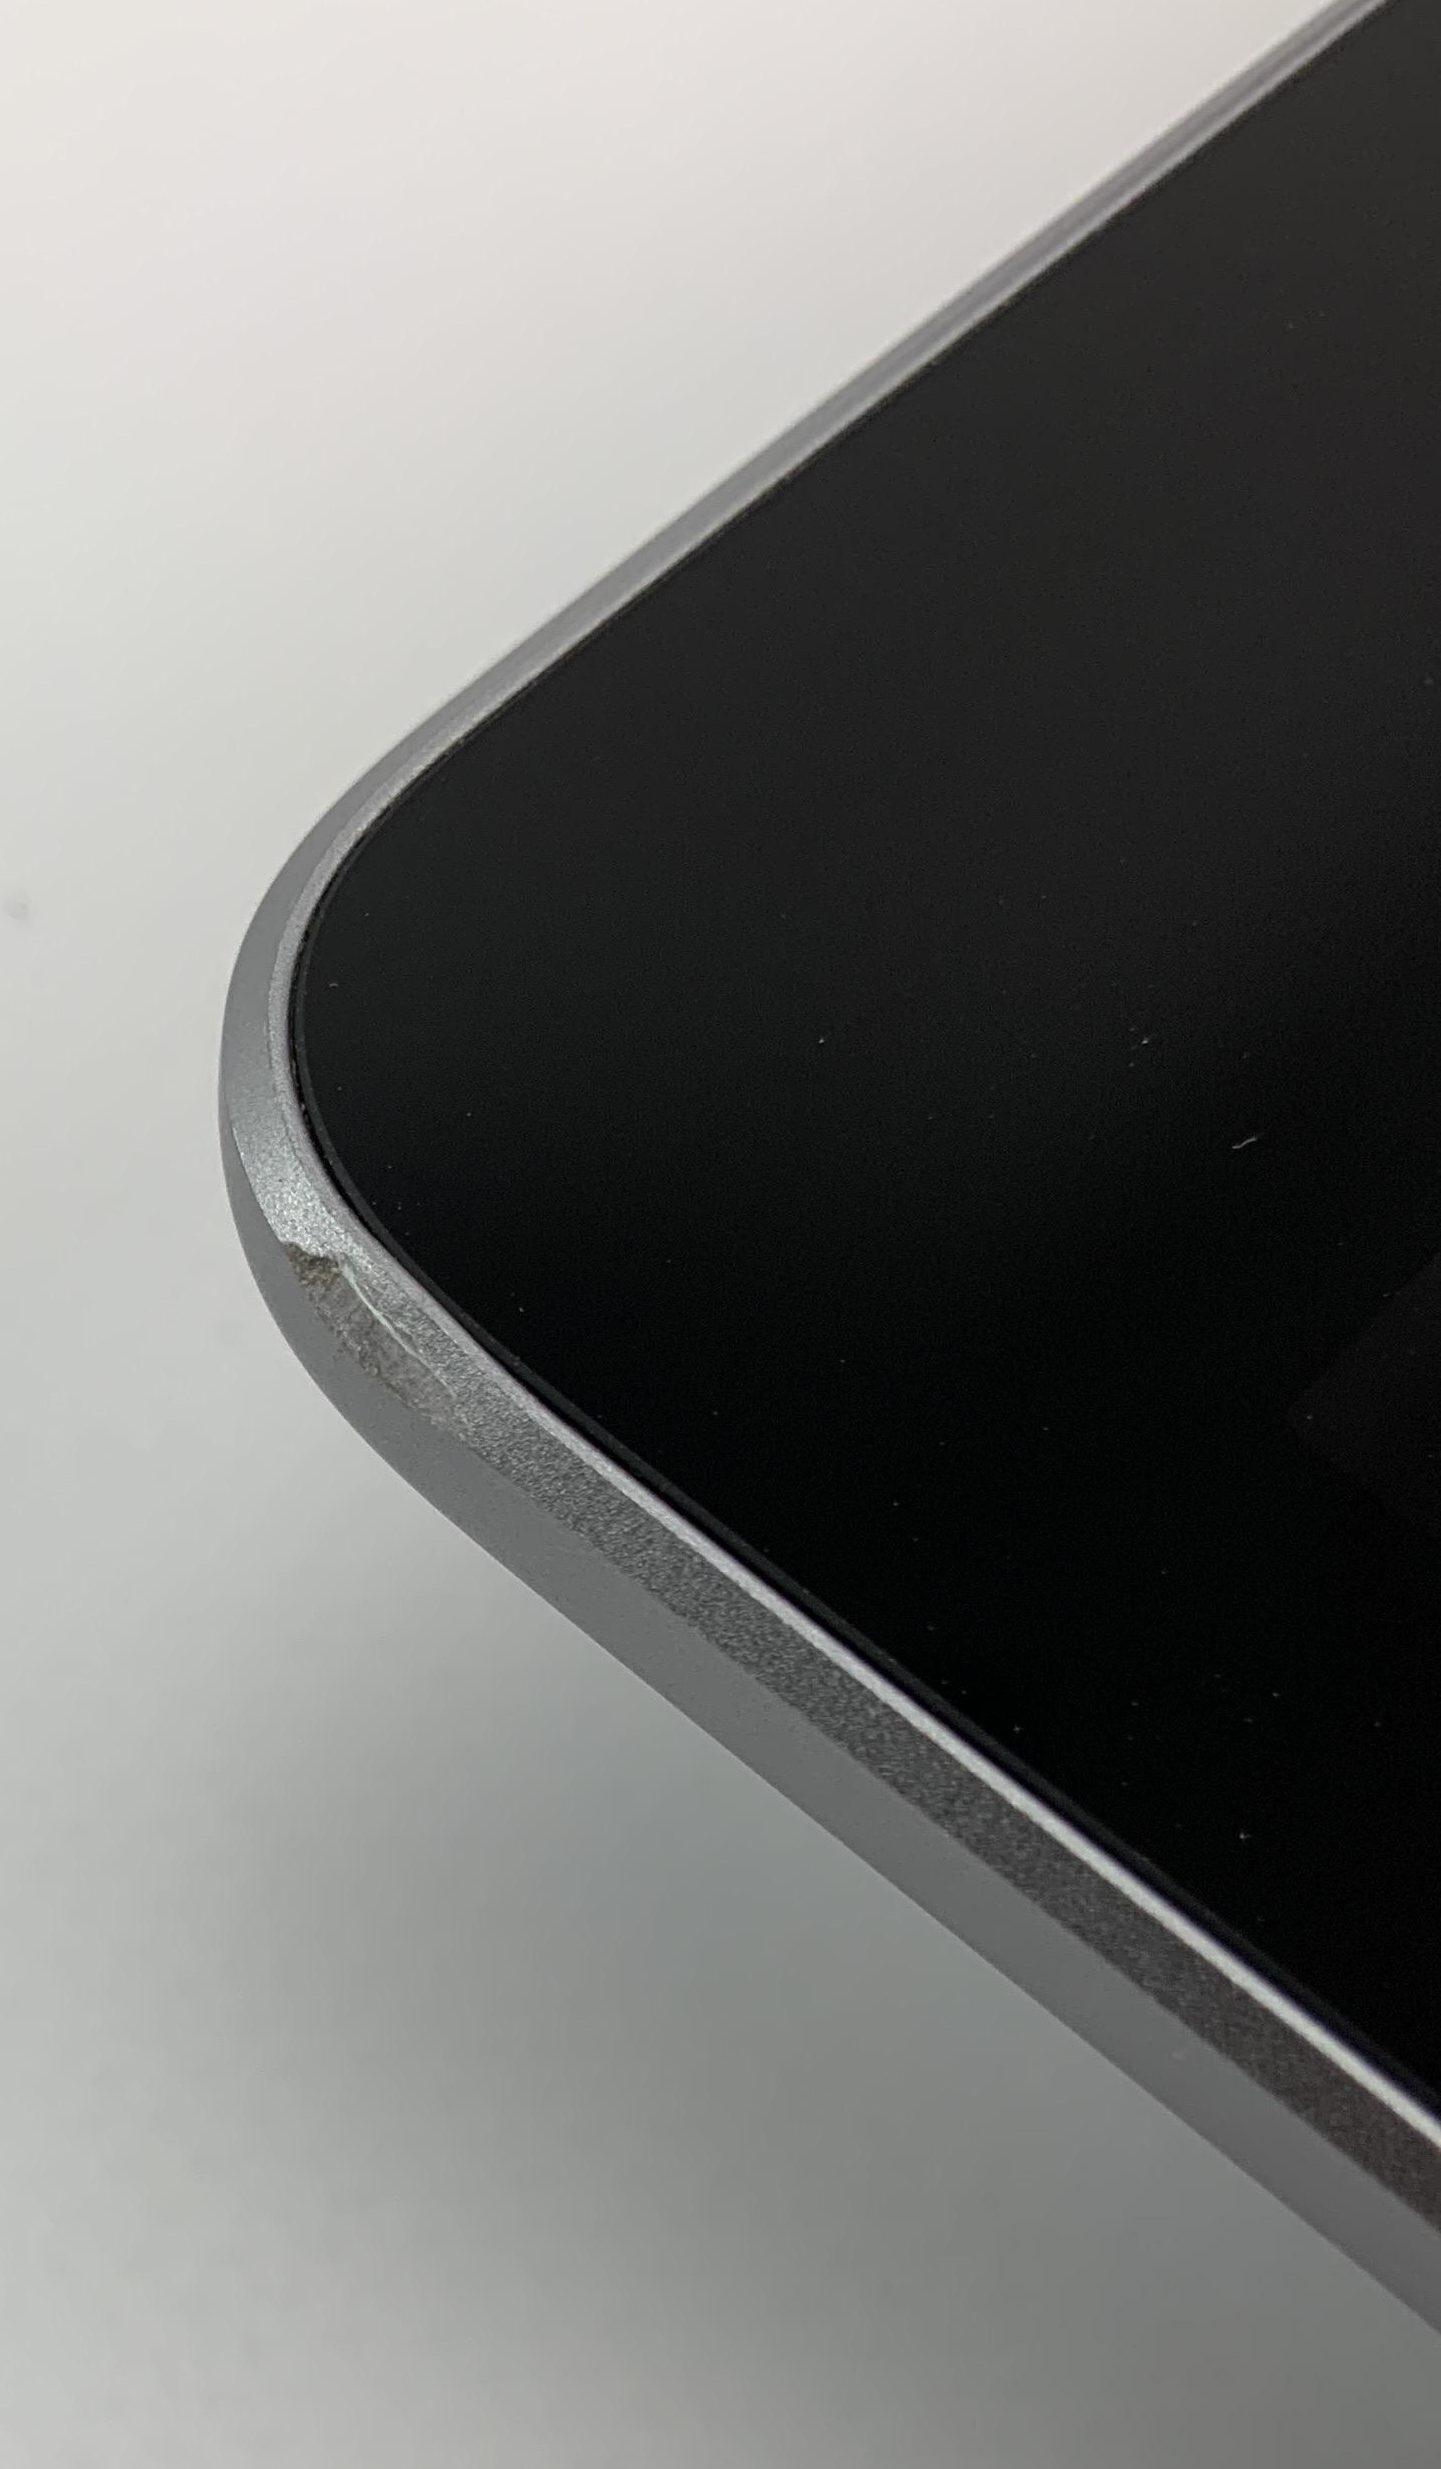 iPad 6 Wi-Fi 128GB, 128GB, Space Gray, Afbeelding 4